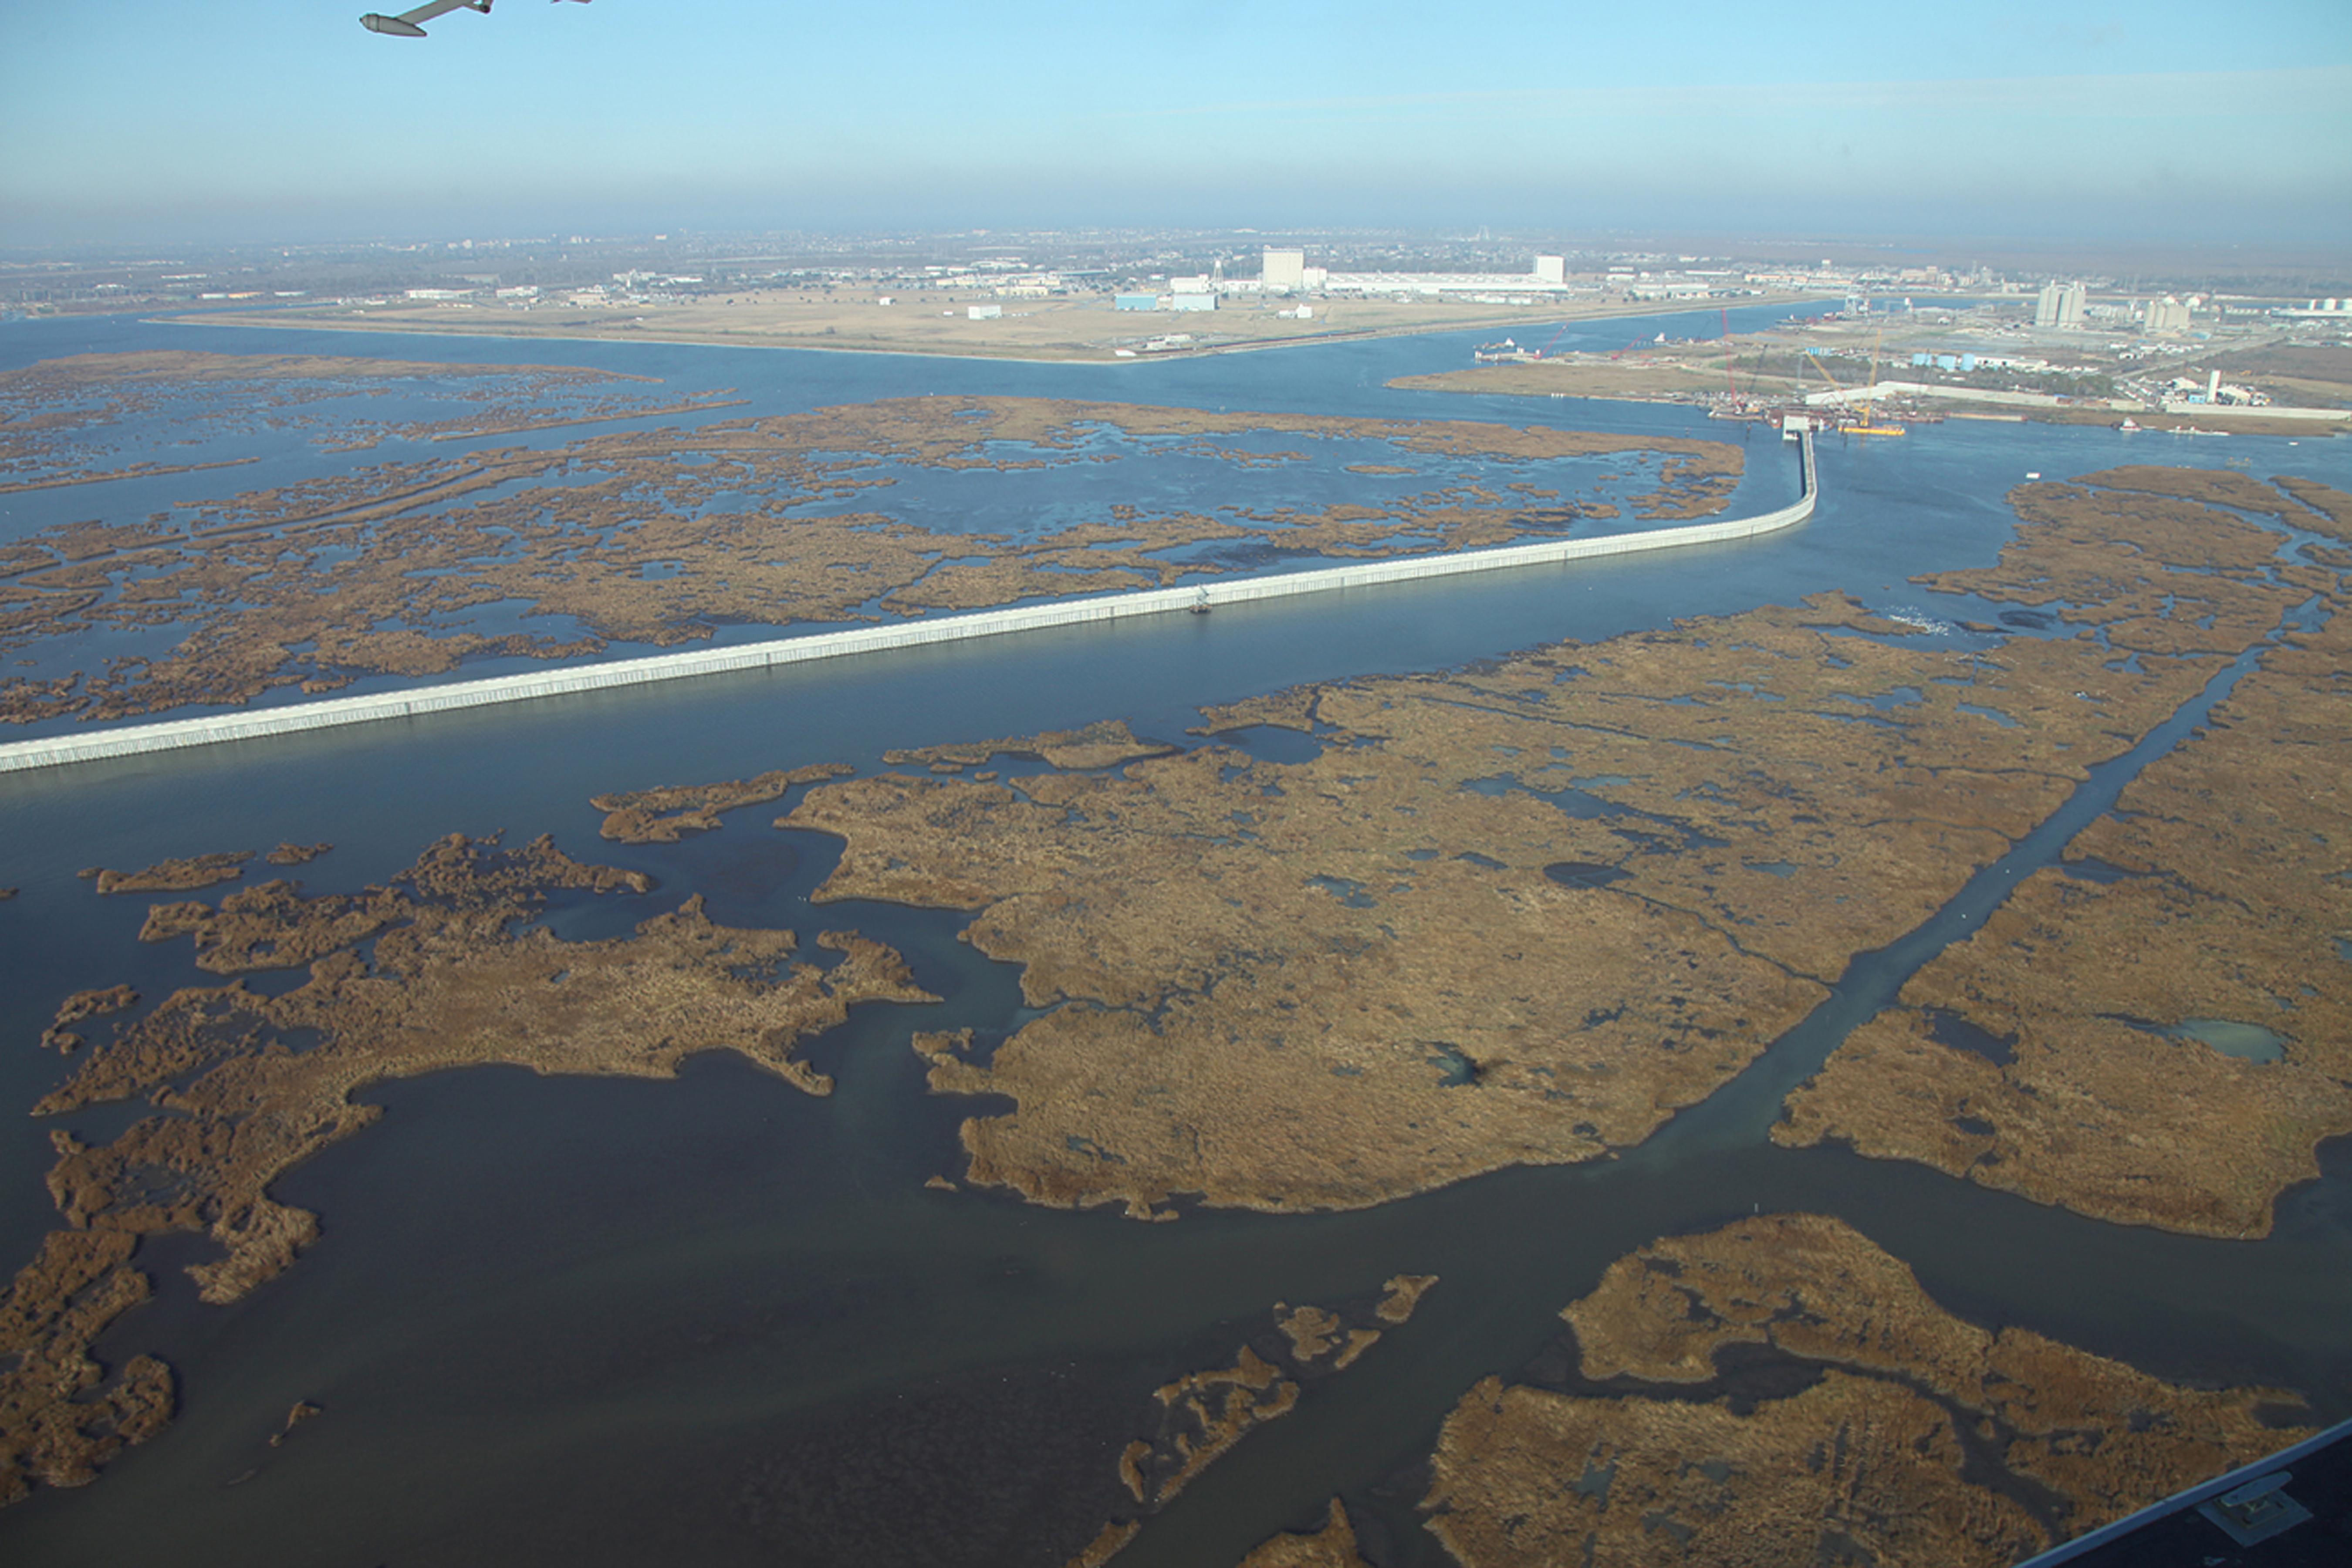 File:Expanded Louisiana Coastal Zone Boundary - NOAA.jpg - Wikimedia ...